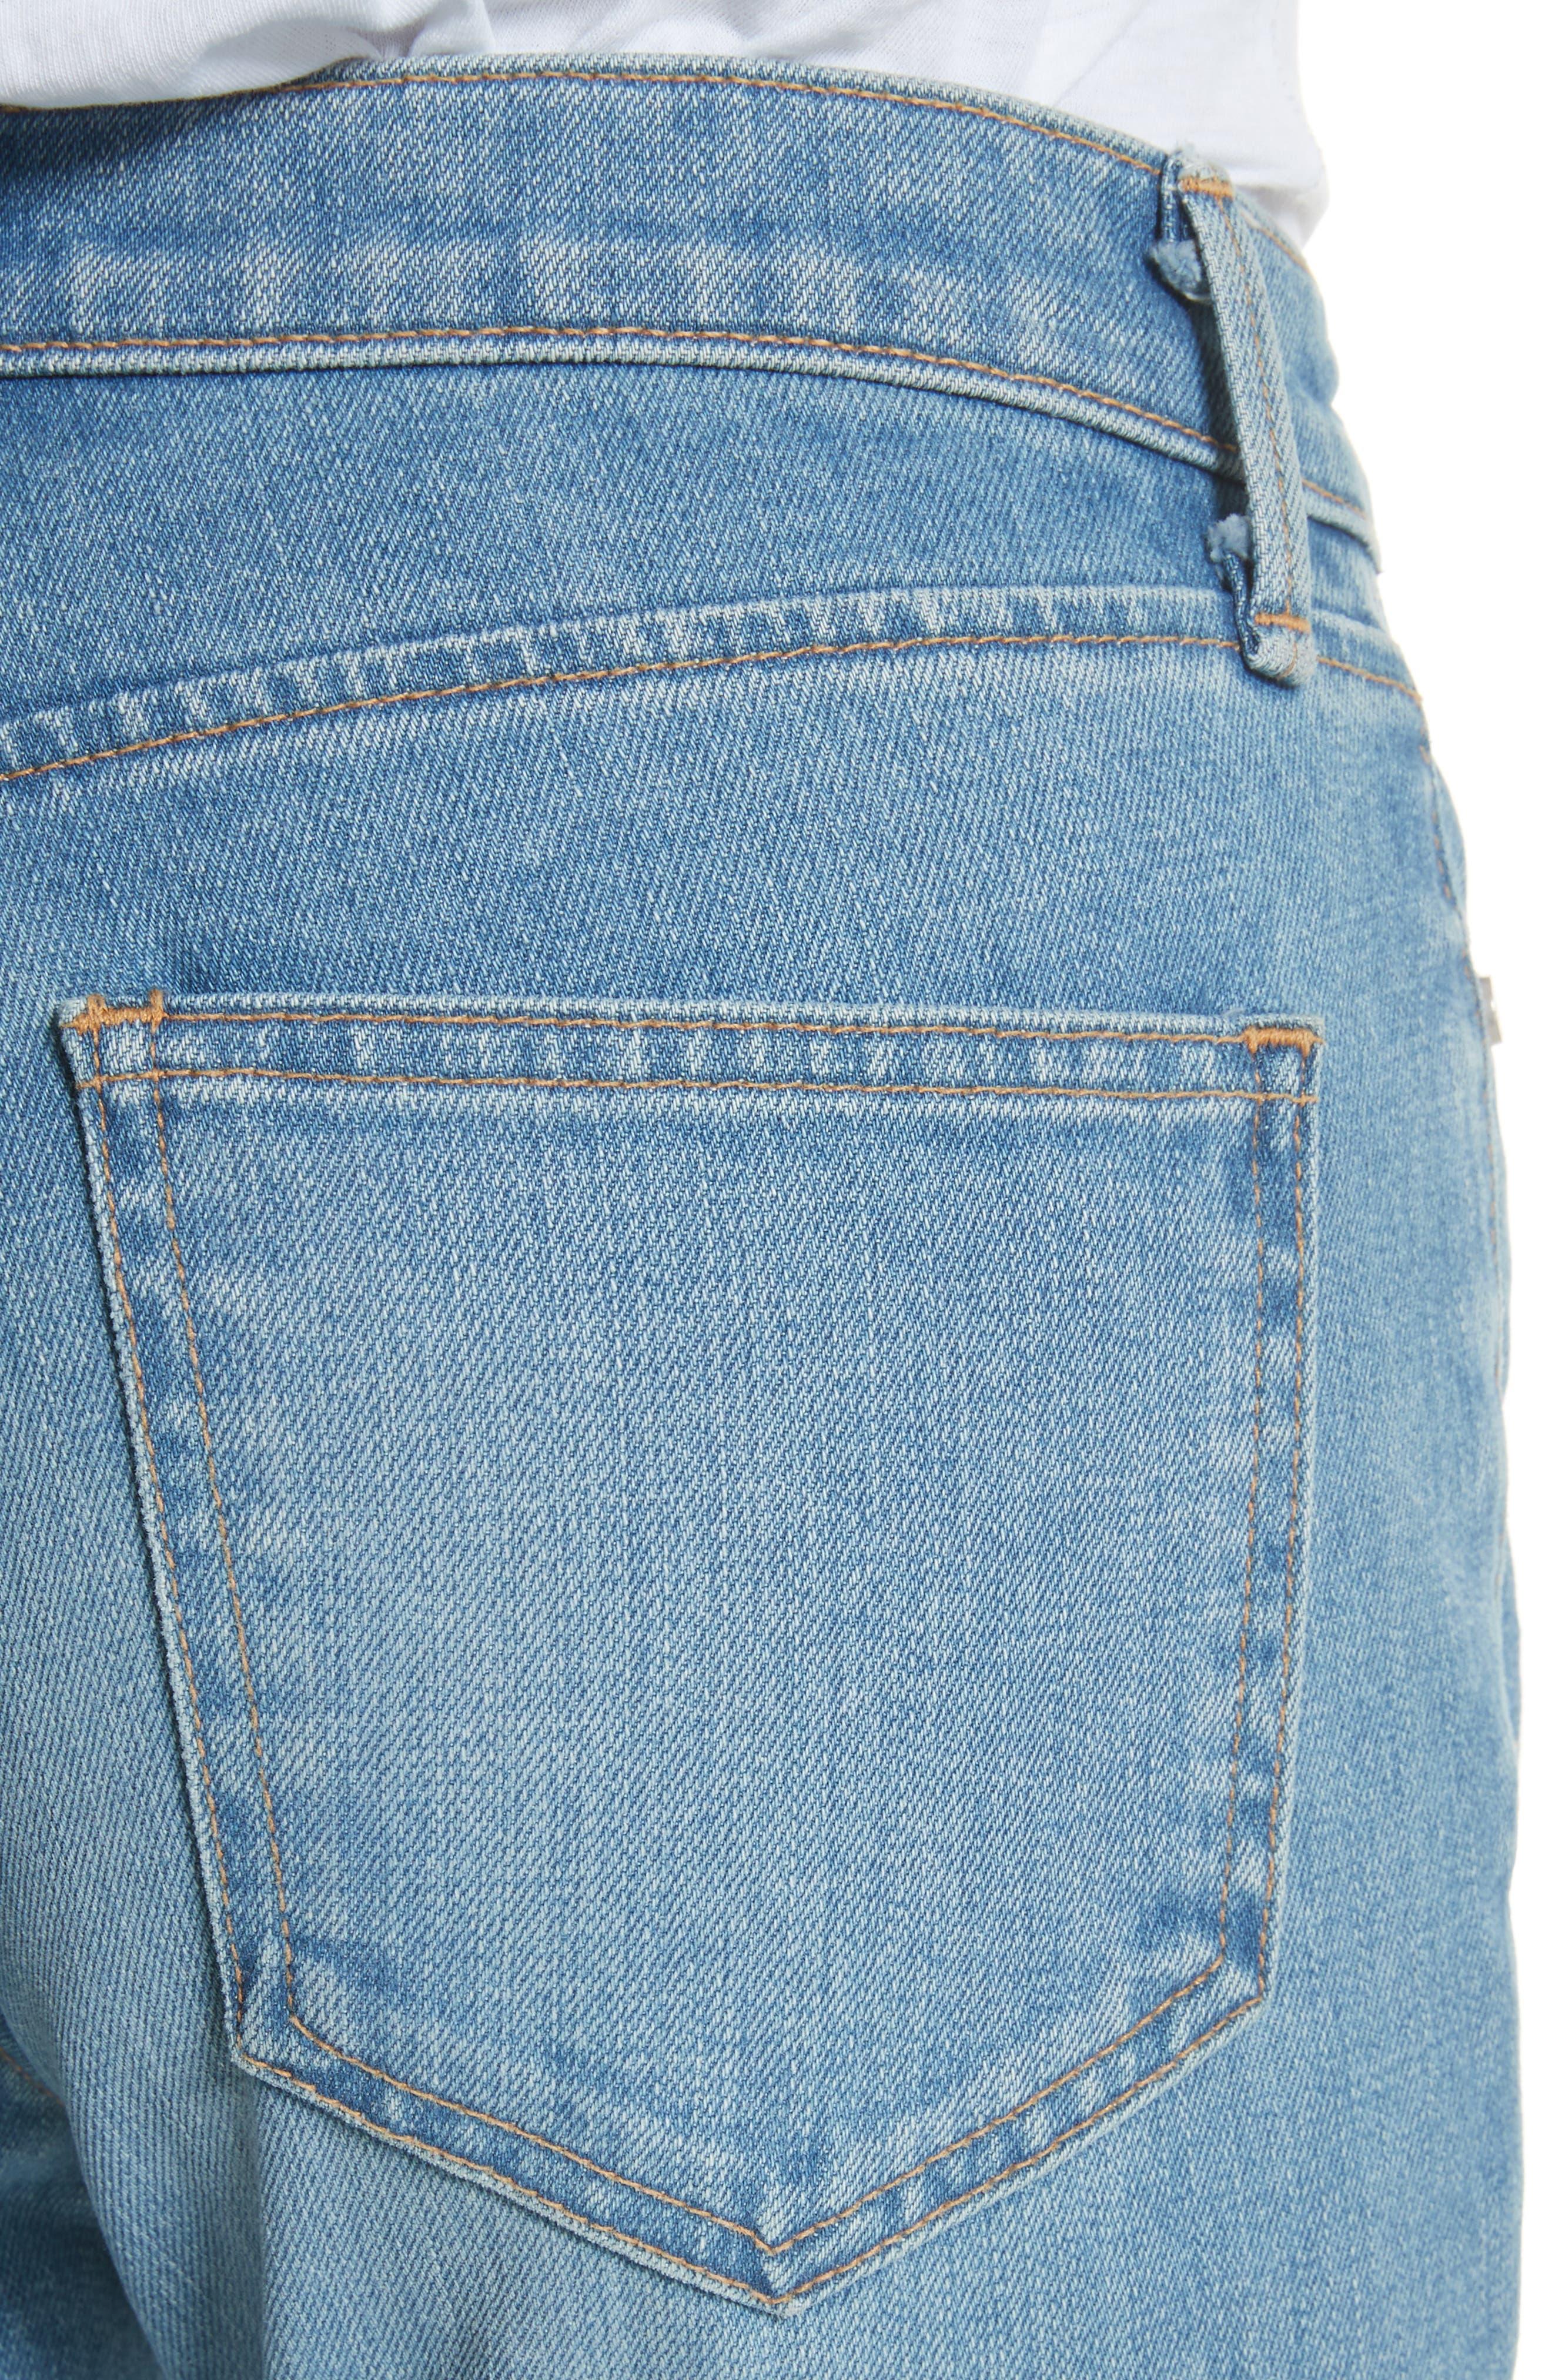 Ankle Cigarette Jeans,                             Alternate thumbnail 4, color,                             420